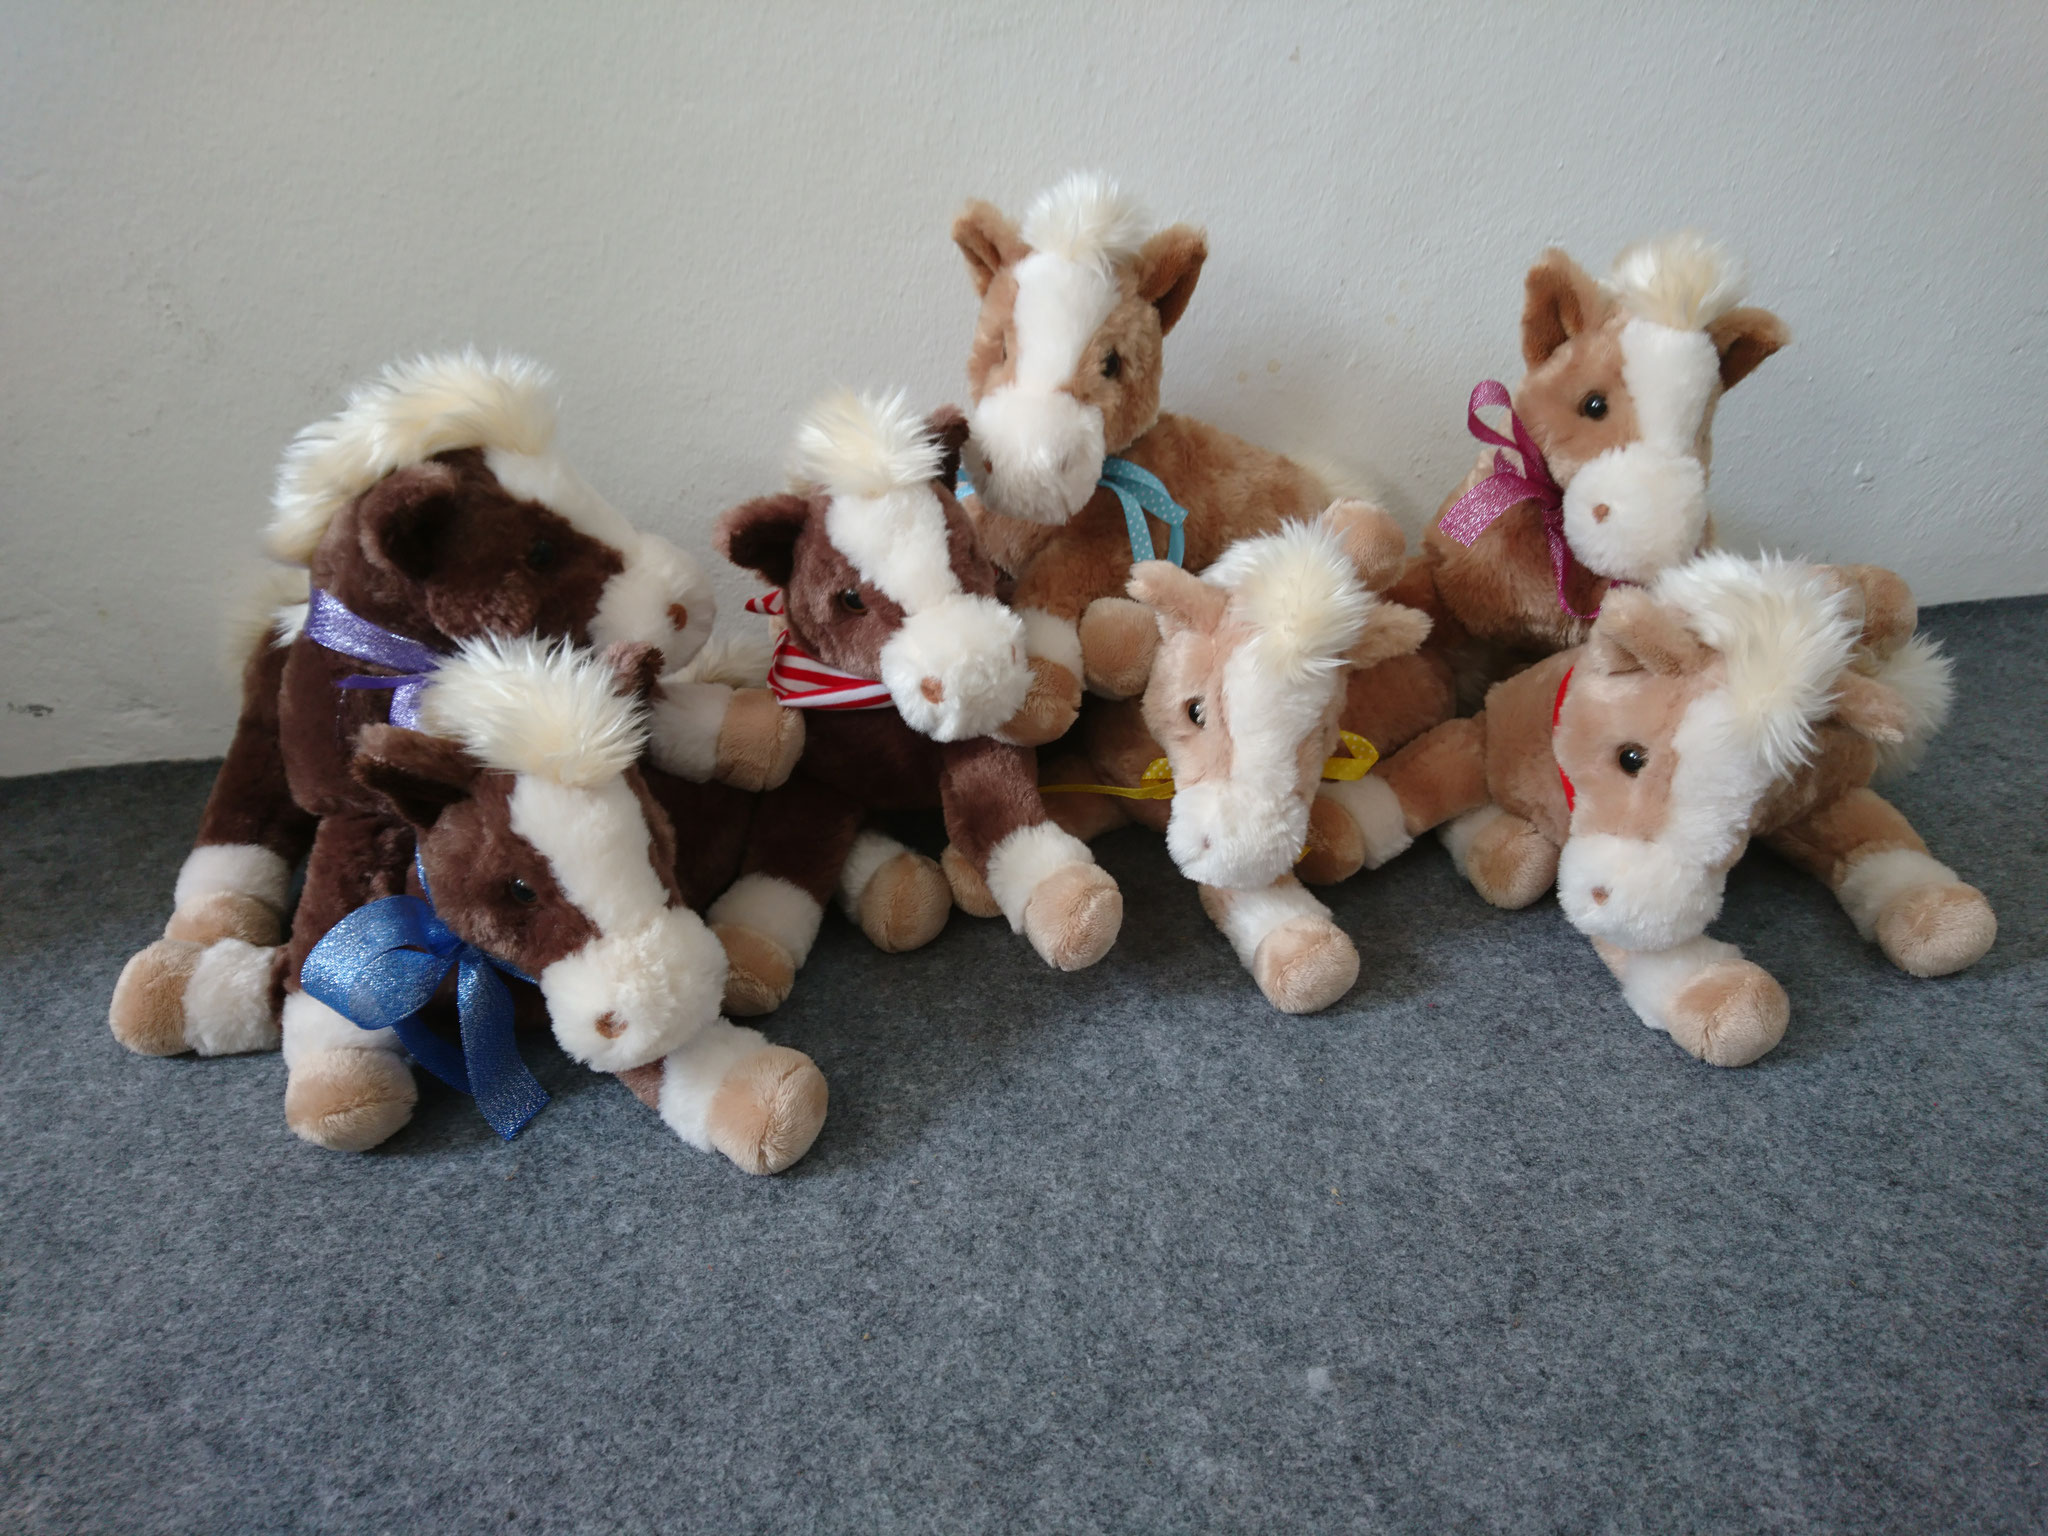 liegendes Pferd - nur bei einem Kindergeburtstag, ab 8 Jahren